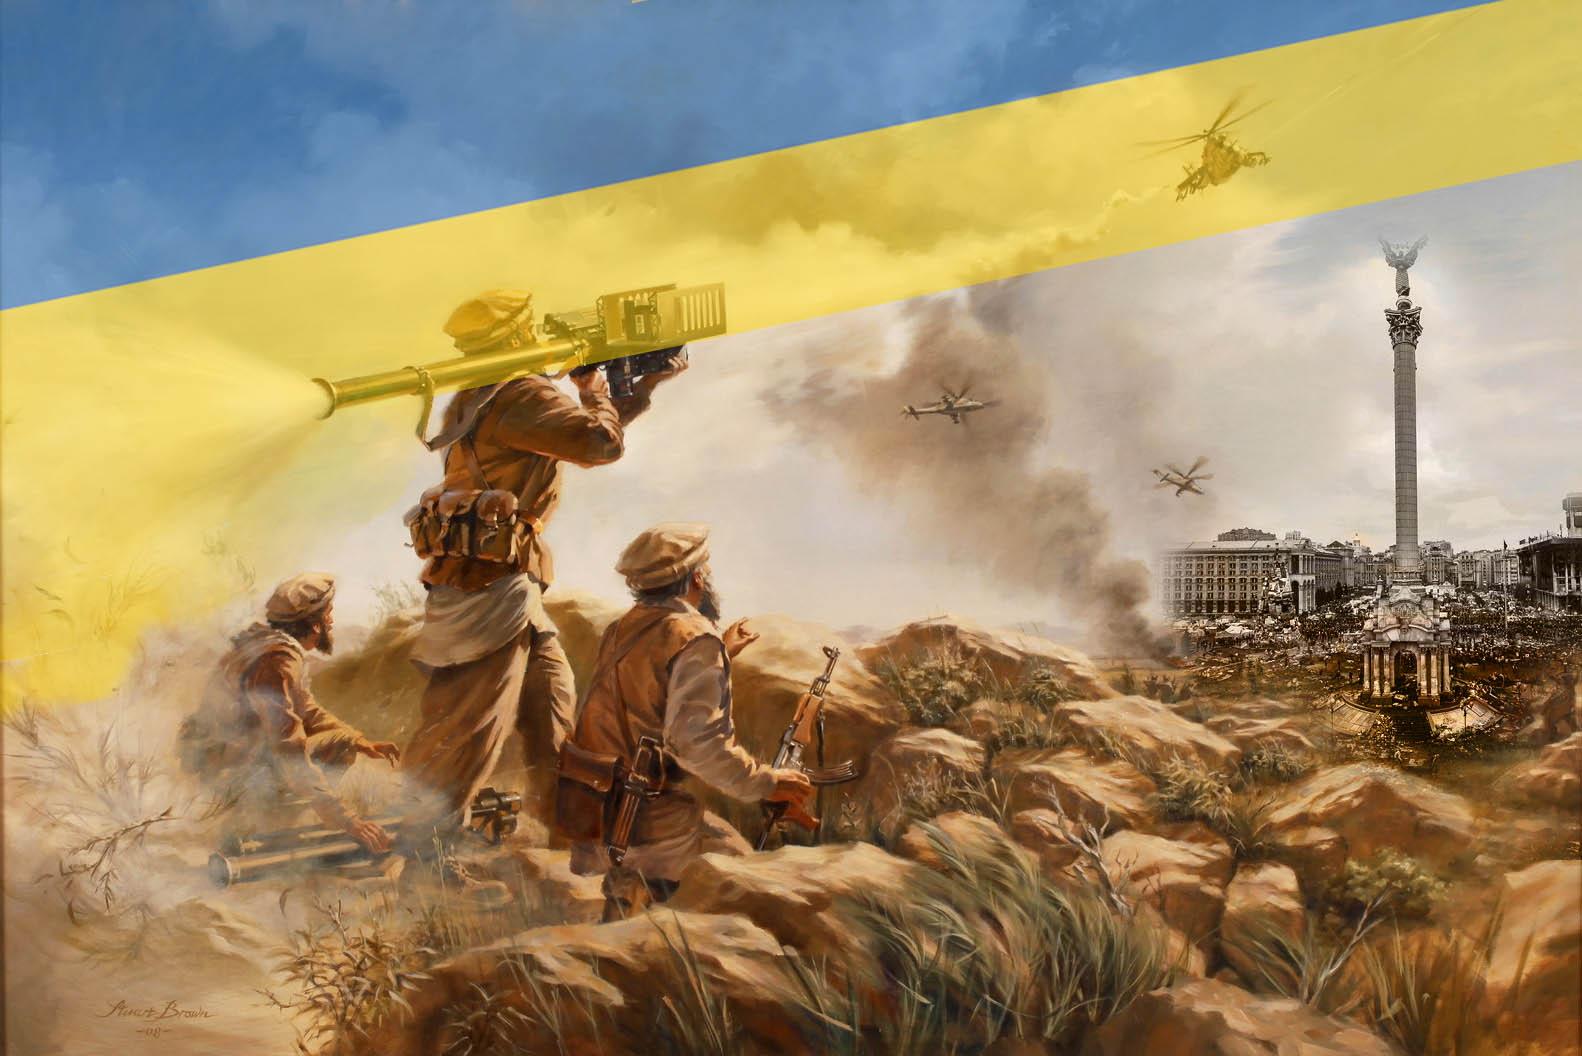 9. kompania Poroszenki. Porównanie wojny domowej na Ukrainie do wojny afgańskiej z 1979 r.